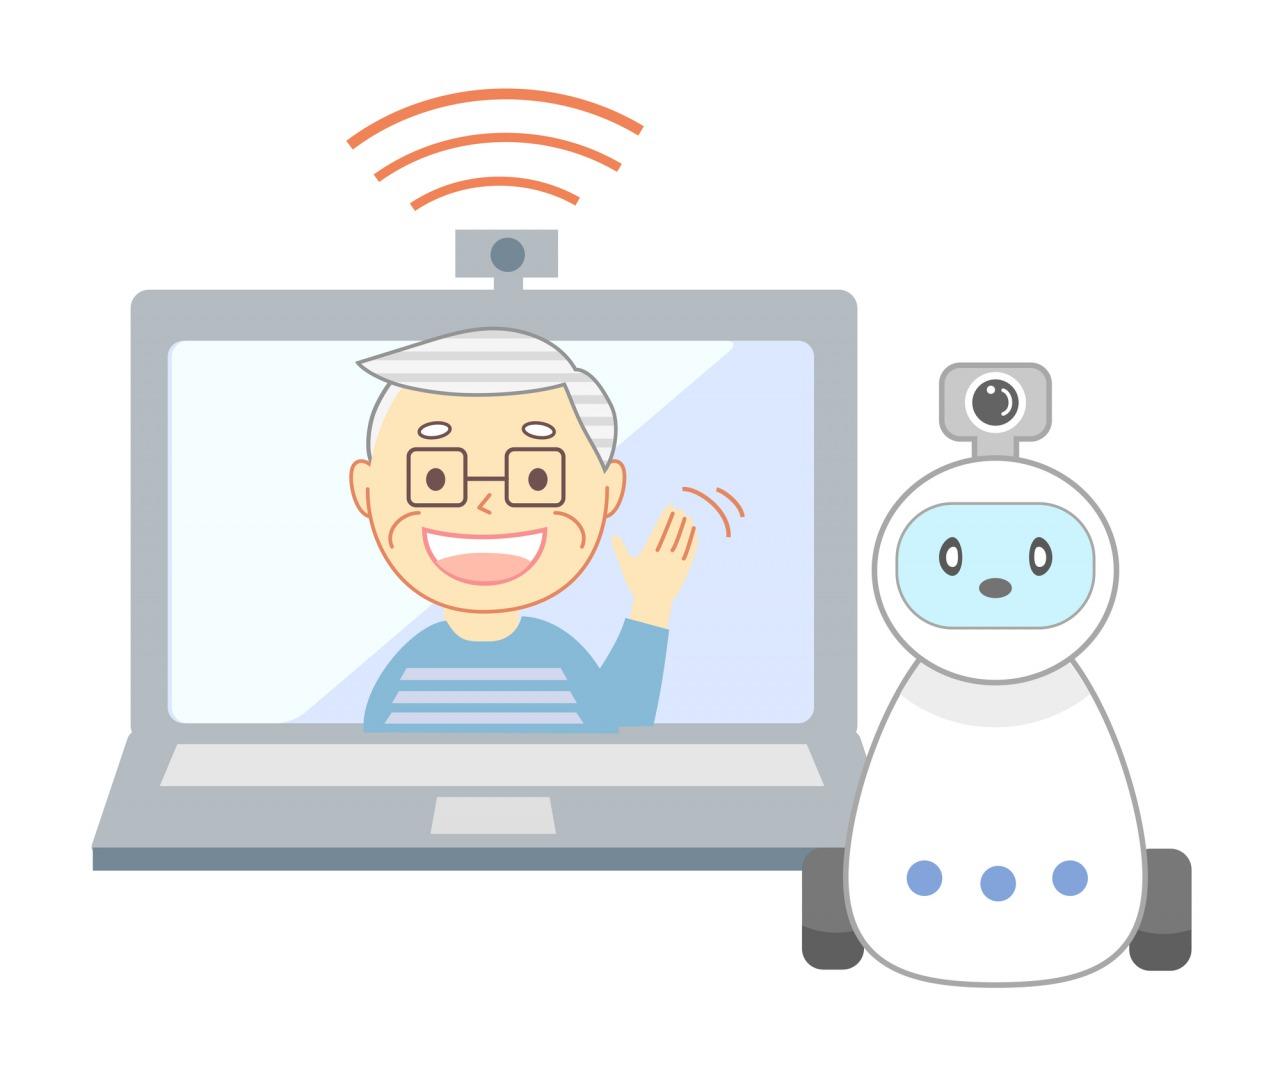 見守りロボットとは?従来の支援機器との比較や効果